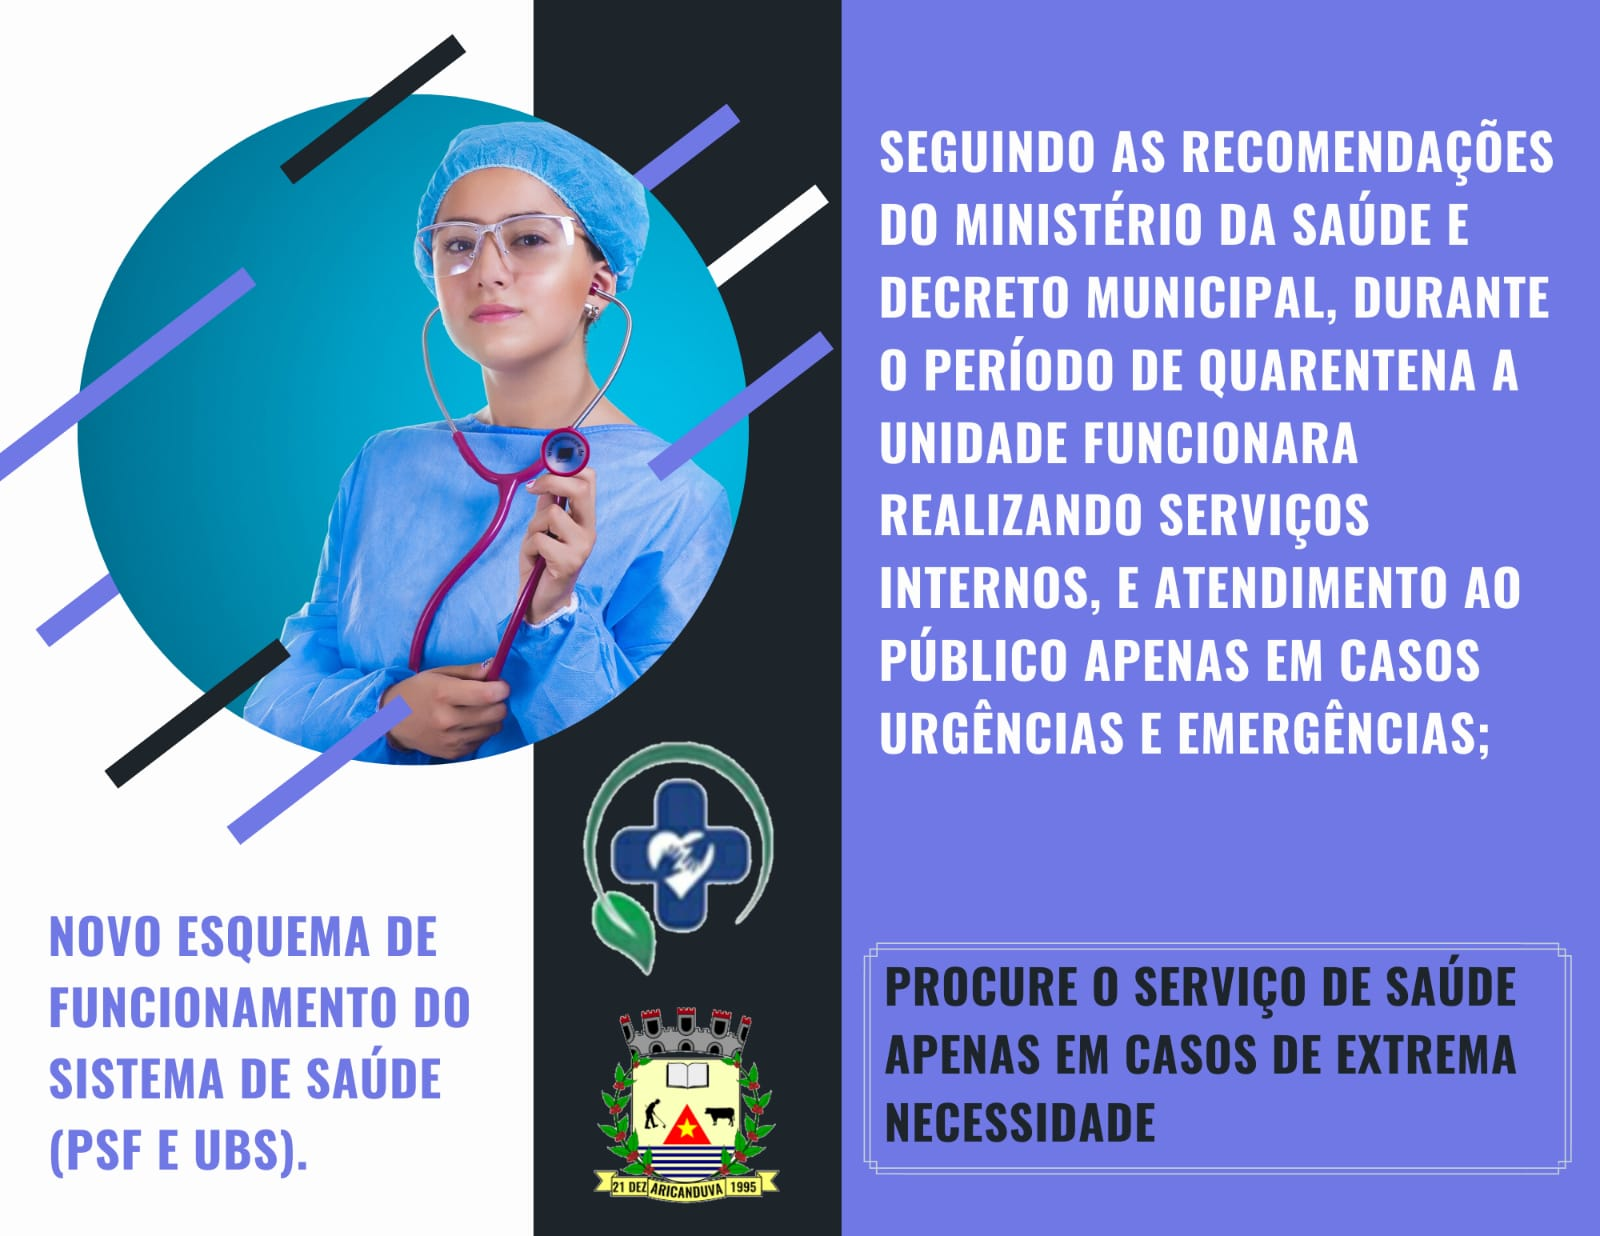 NOVO ESQUEMA DE FUNCIONAMENTO DO SISTEMA DE SAÚDE